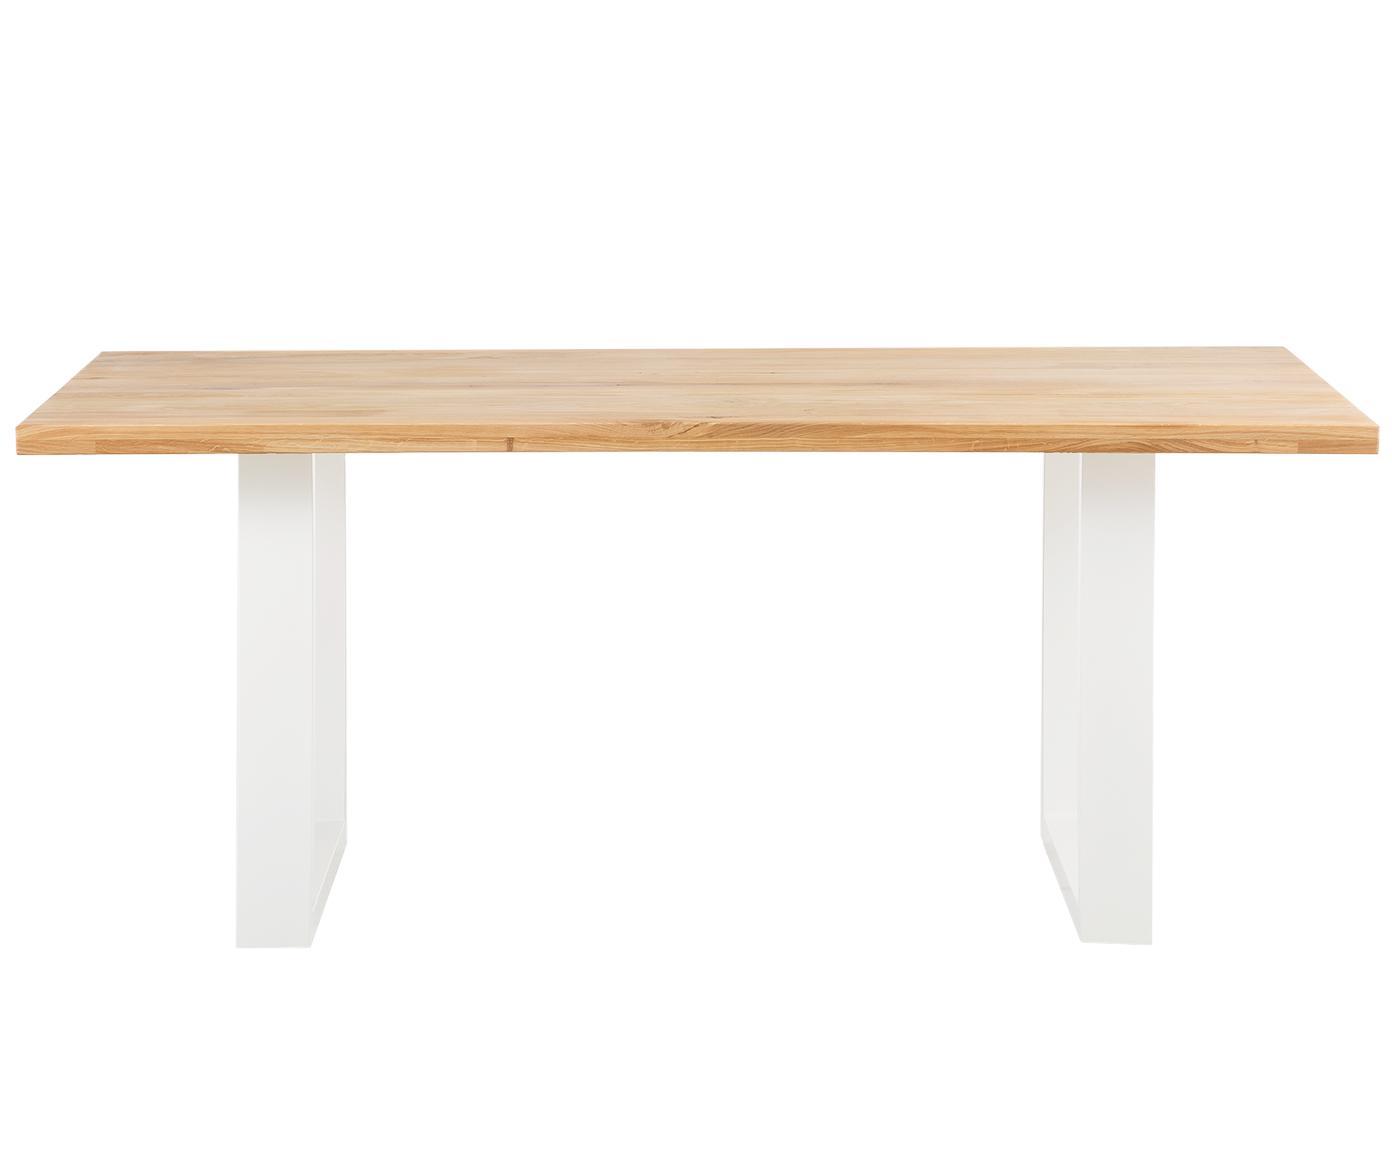 Stół do jadalni  z litego drewna Oliver, Blat: europejskie, dzikie, lite, Nogi: stal lakierowana matowo, Blat: drewno dębowe Nogi: biały, S 180 x G 90 cm